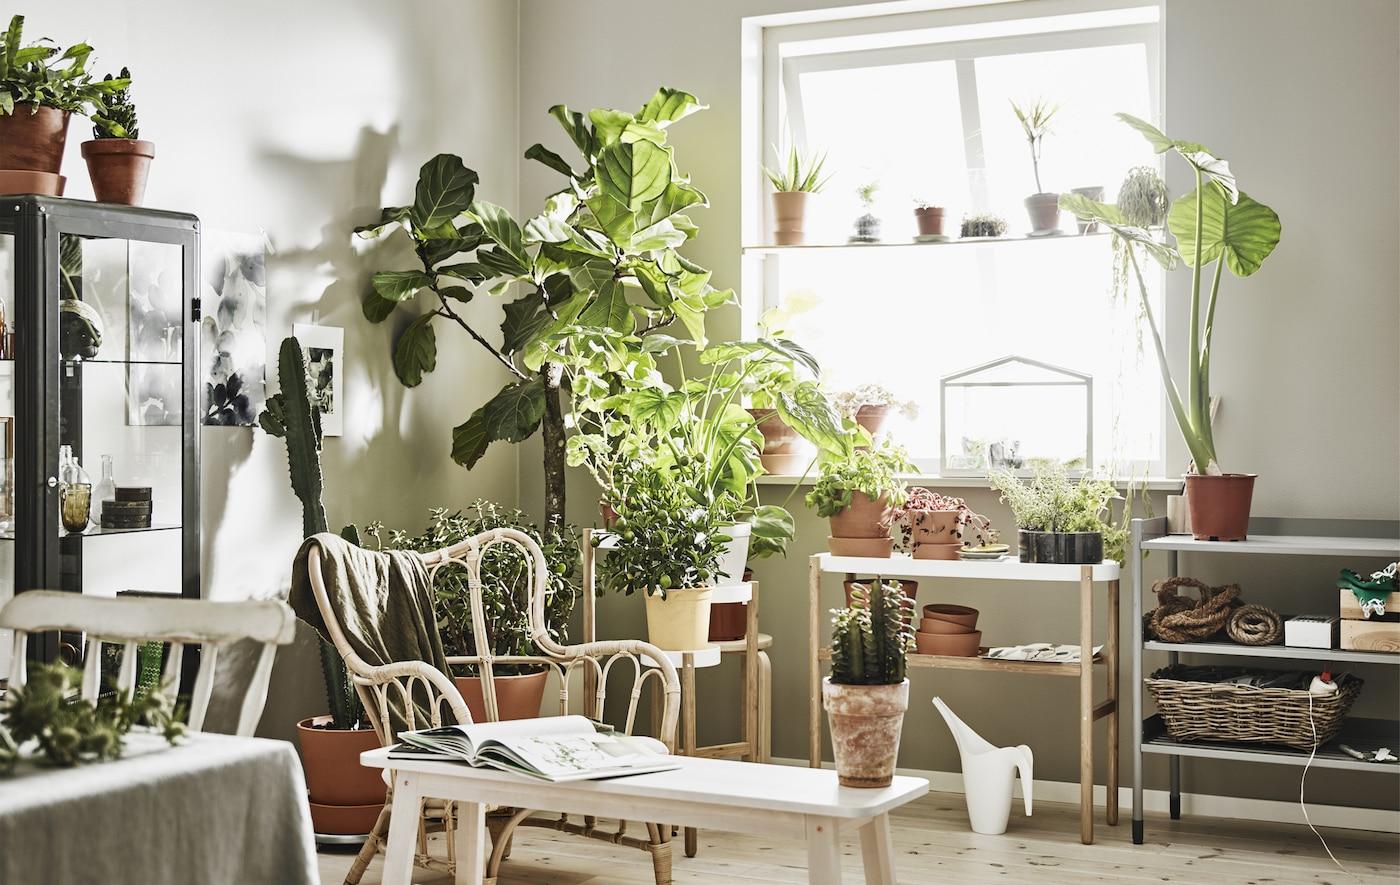 Ugao bele dnevne sobe s puno saksijskih biljaka na stalku za biljke.